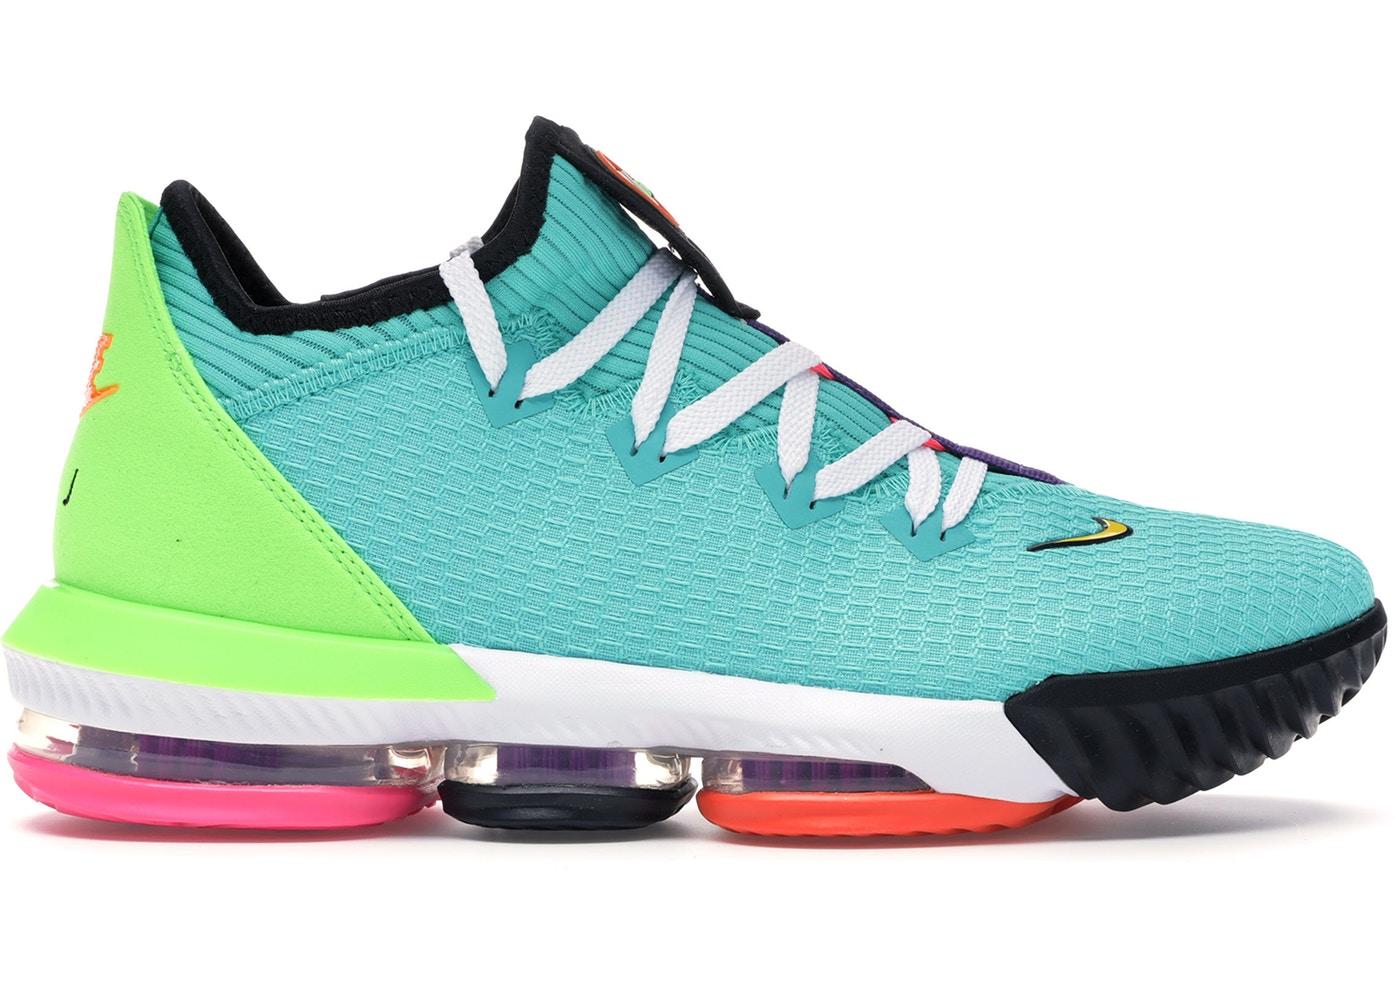 ナイキ メンズ レブロン16ロー Nike Lebron 16 Low